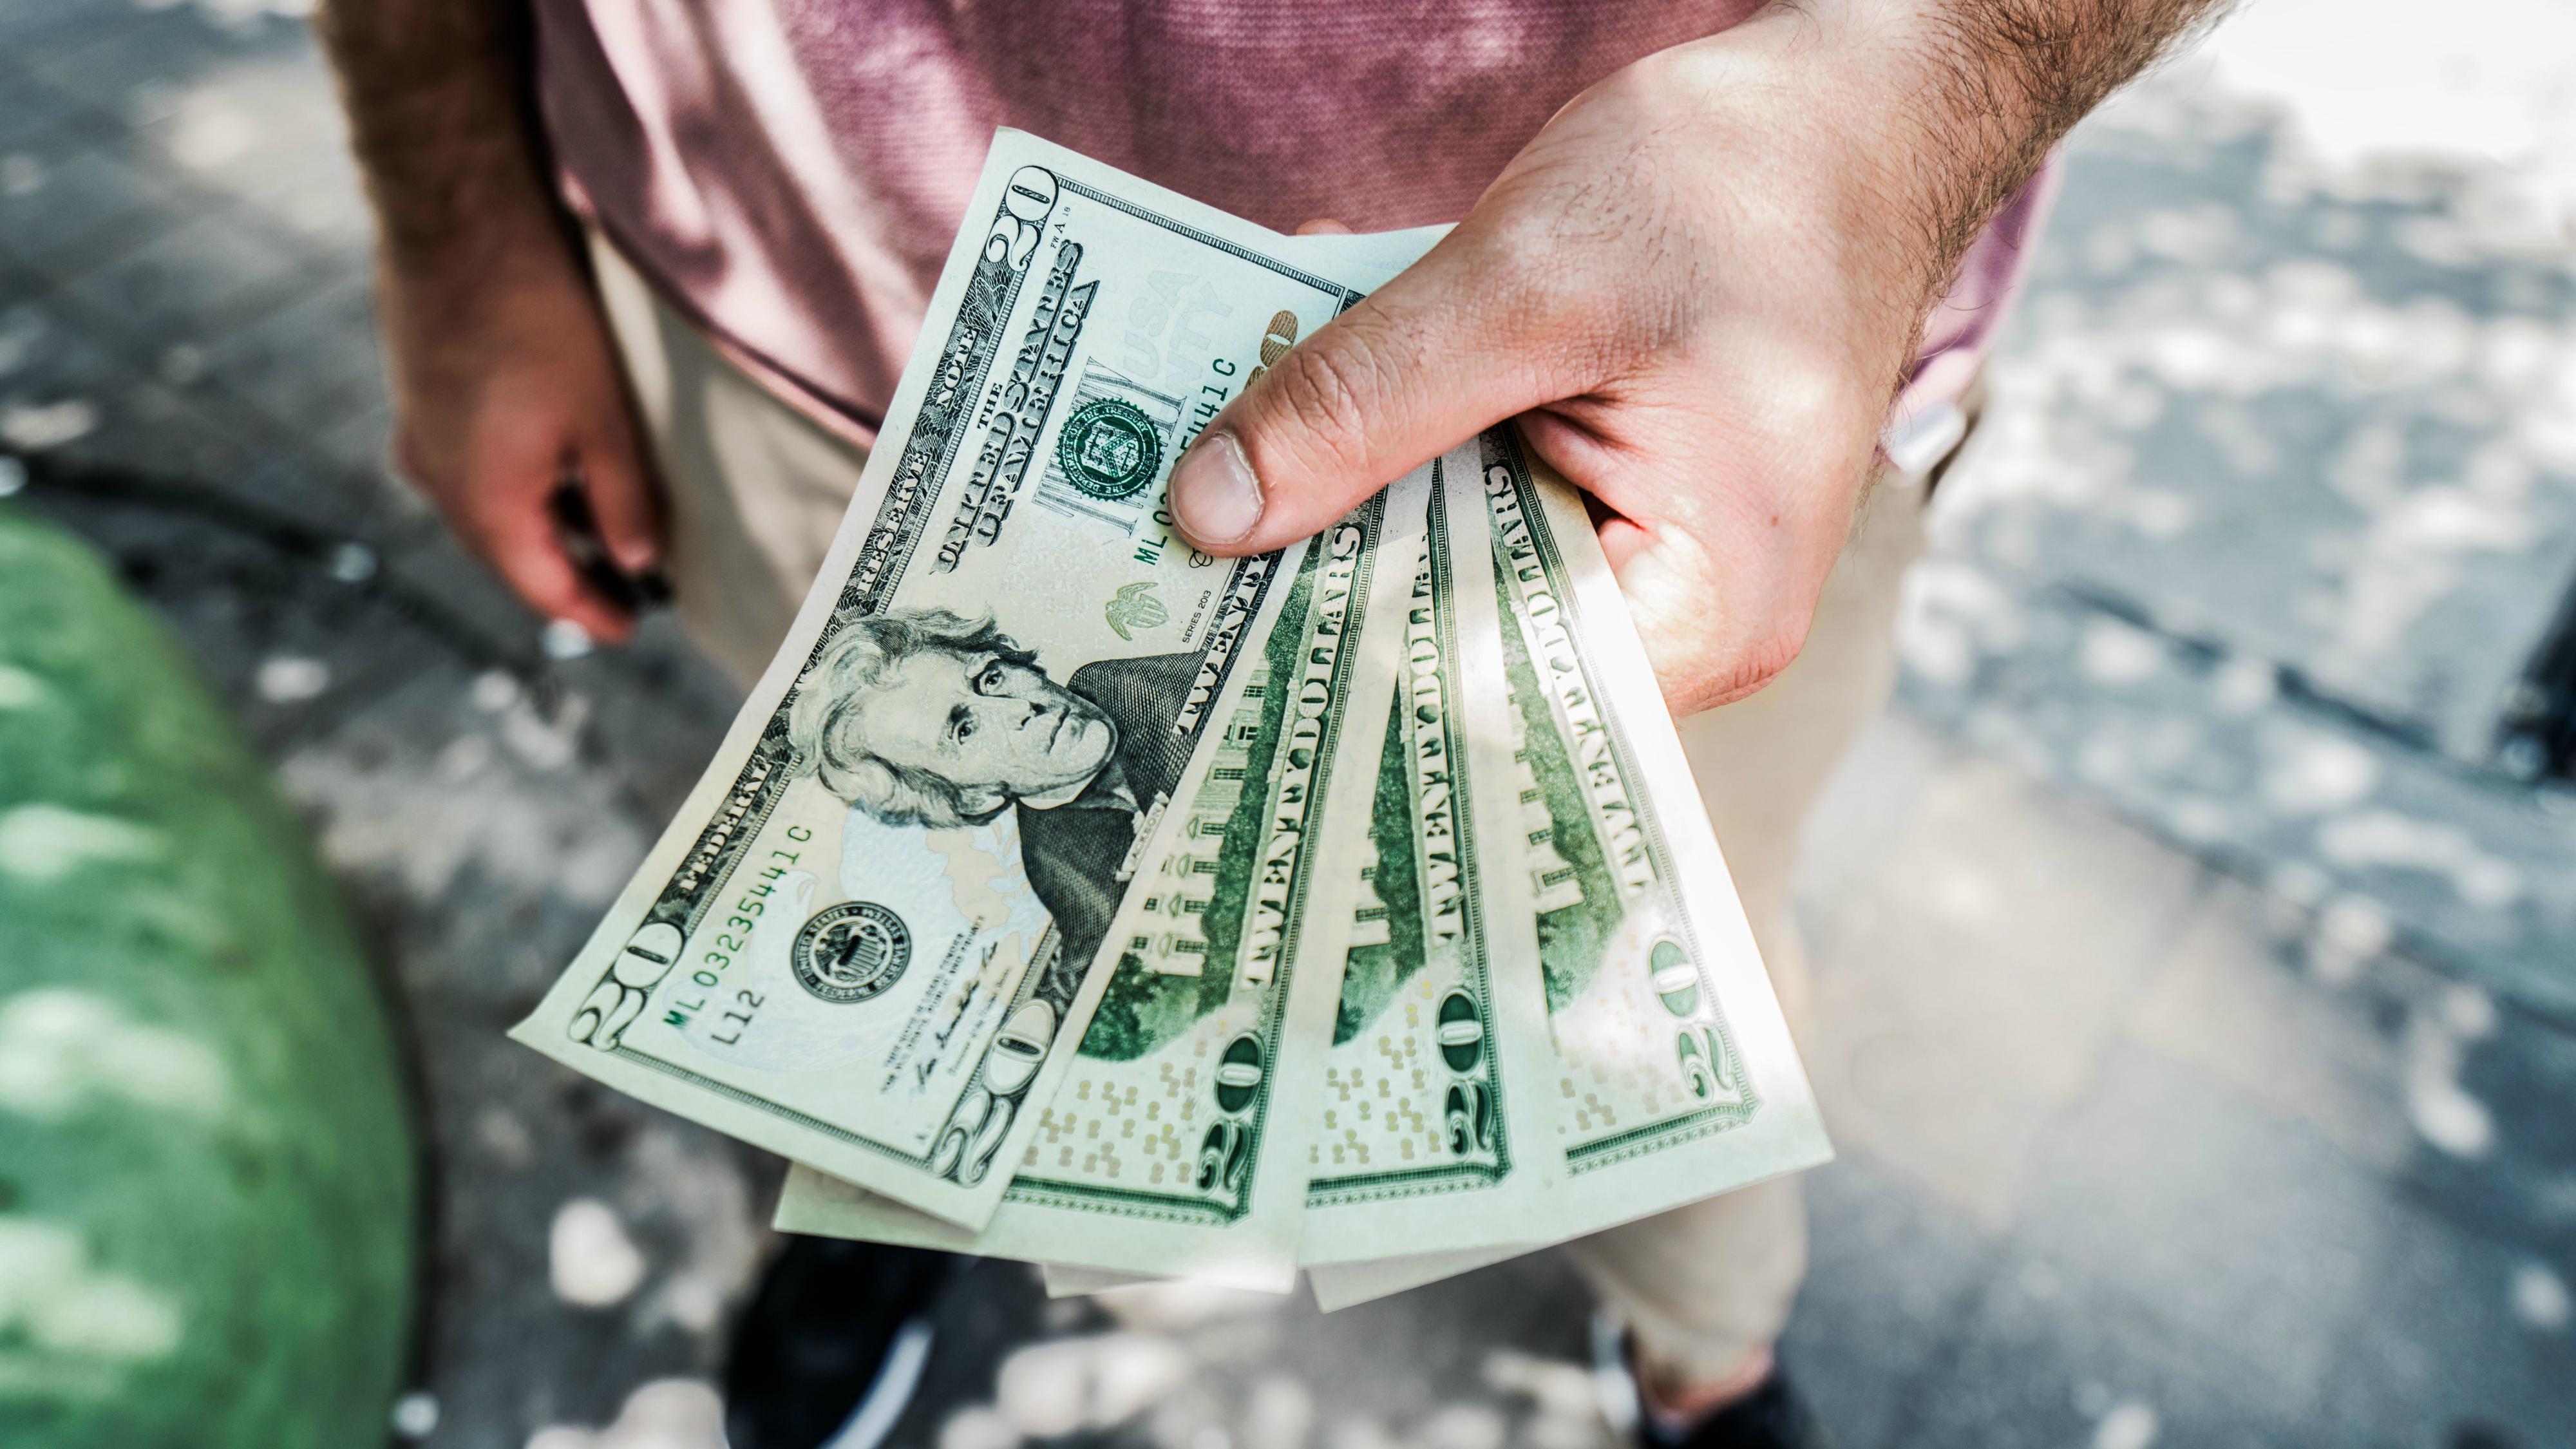 noslēpums, kā es pelnu naudu